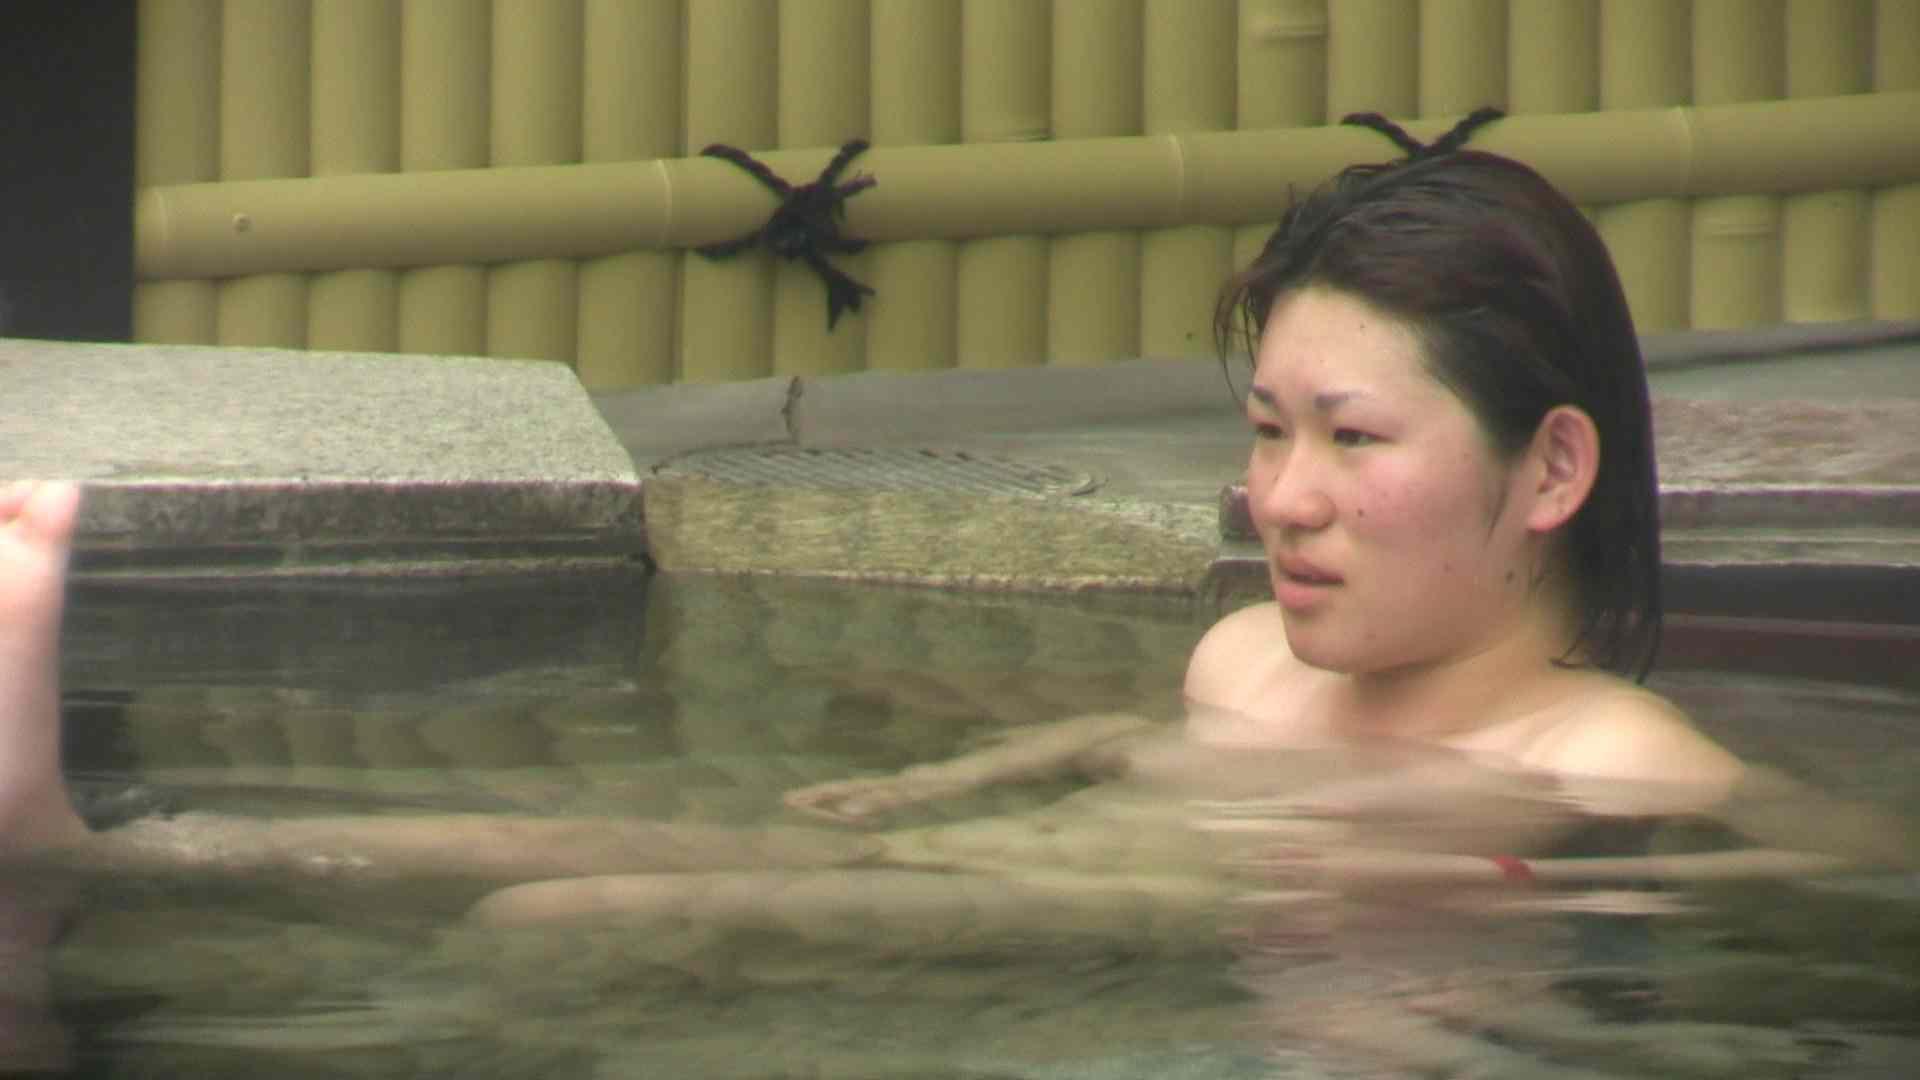 Aquaな露天風呂Vol.673 0   0  91pic 63